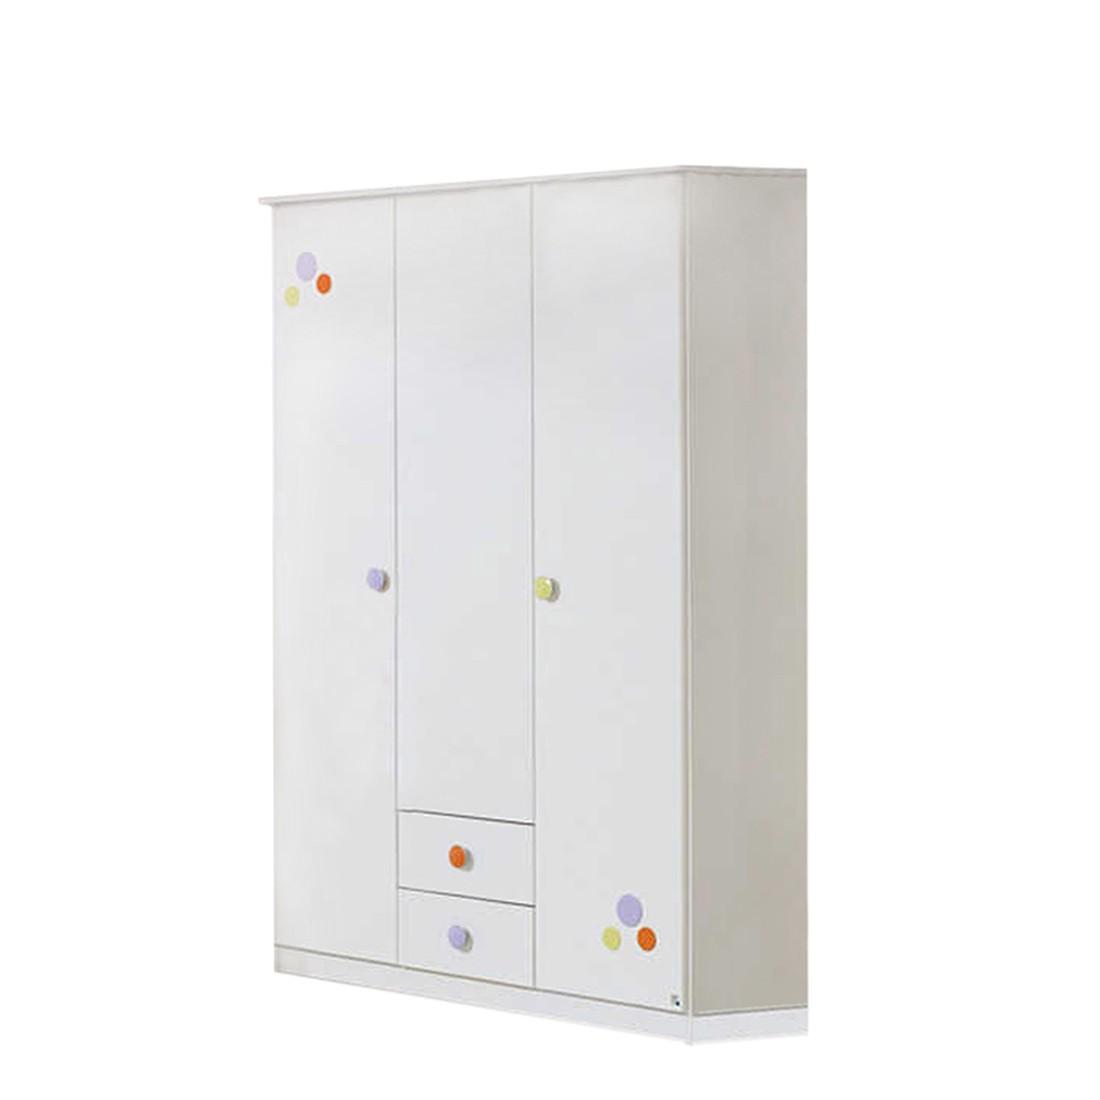 Kleiderschrank Benita - 3-türig - Weiß